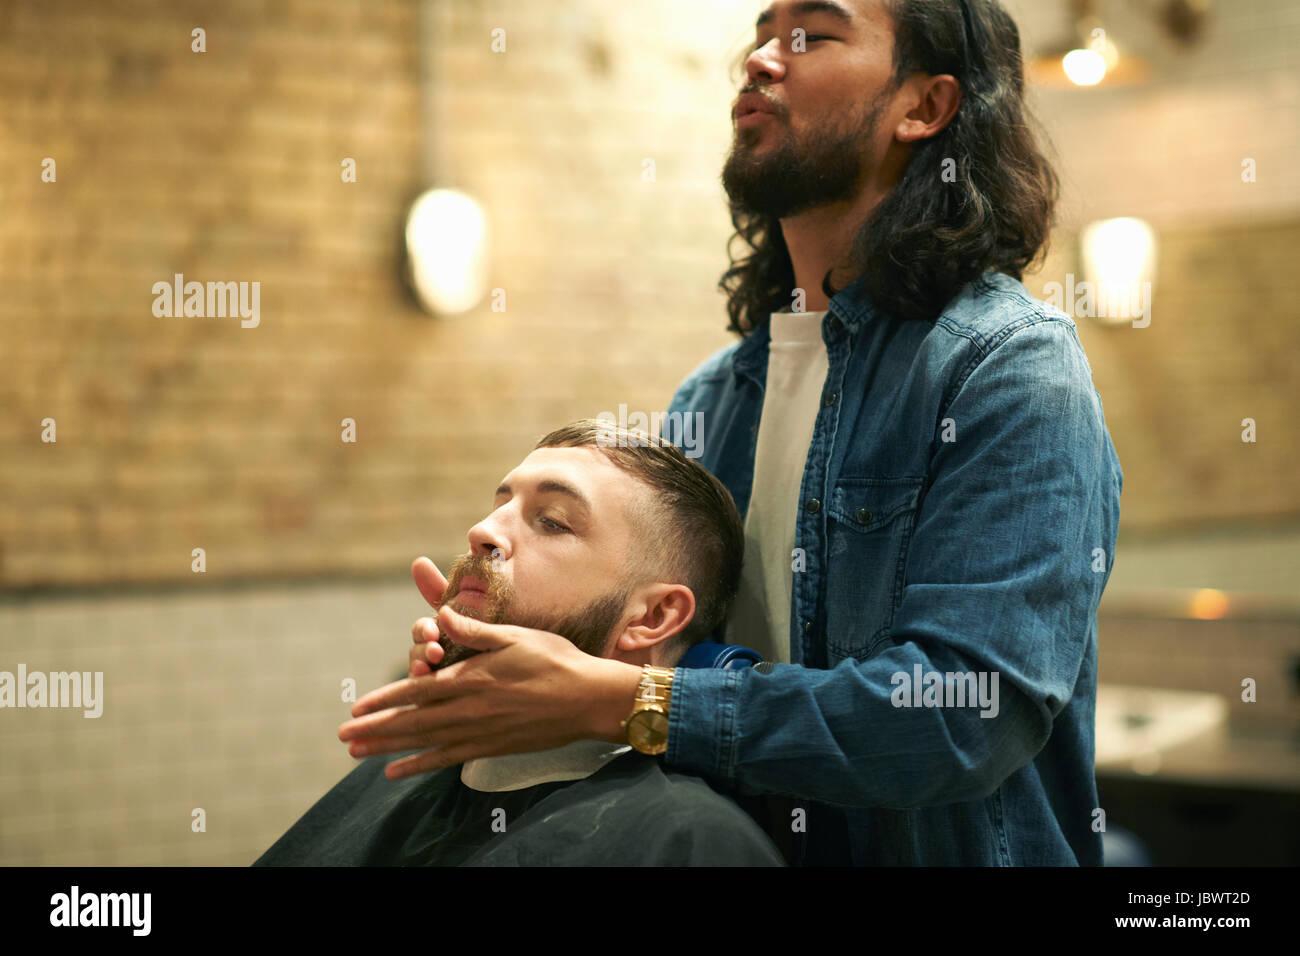 Hairdresser in barbershop grooming customer's beard - Stock Image